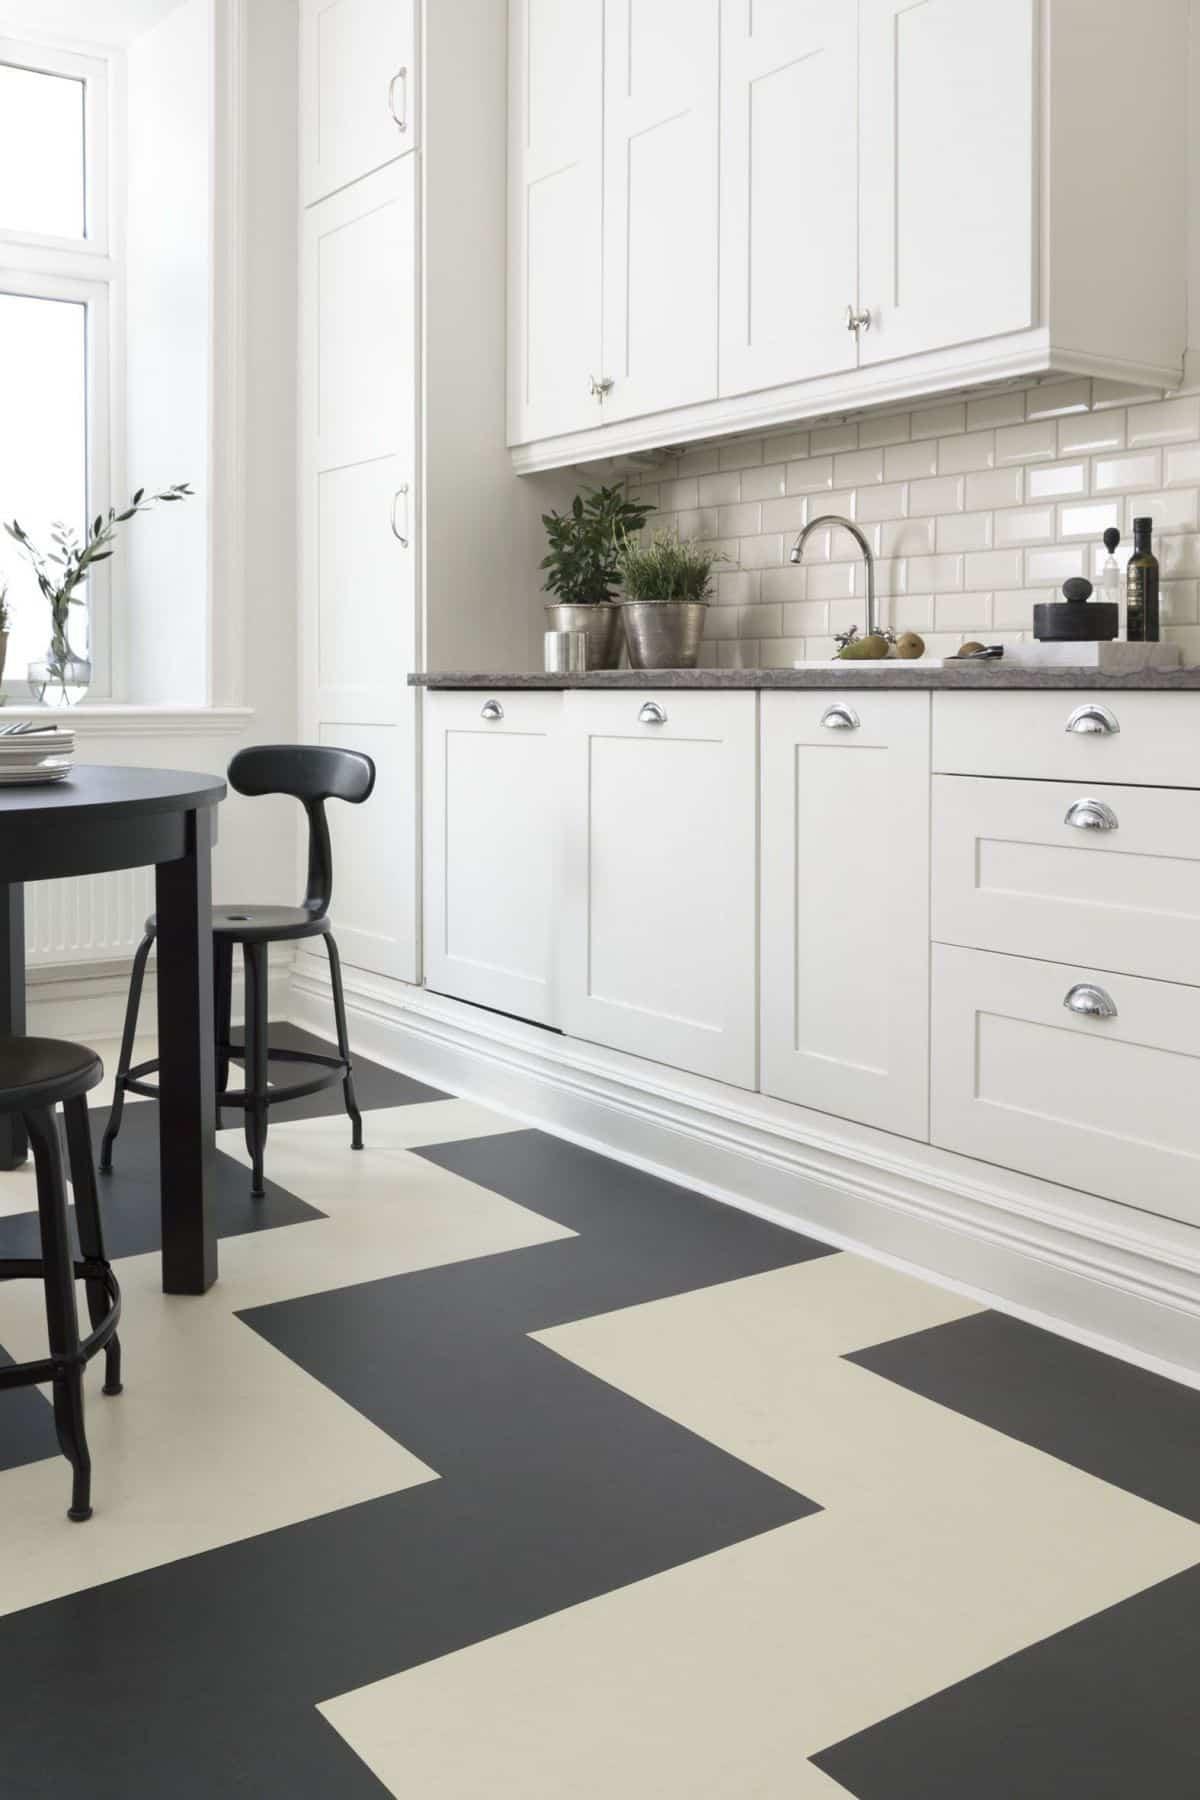 Suelos de linóleo en las cocinas